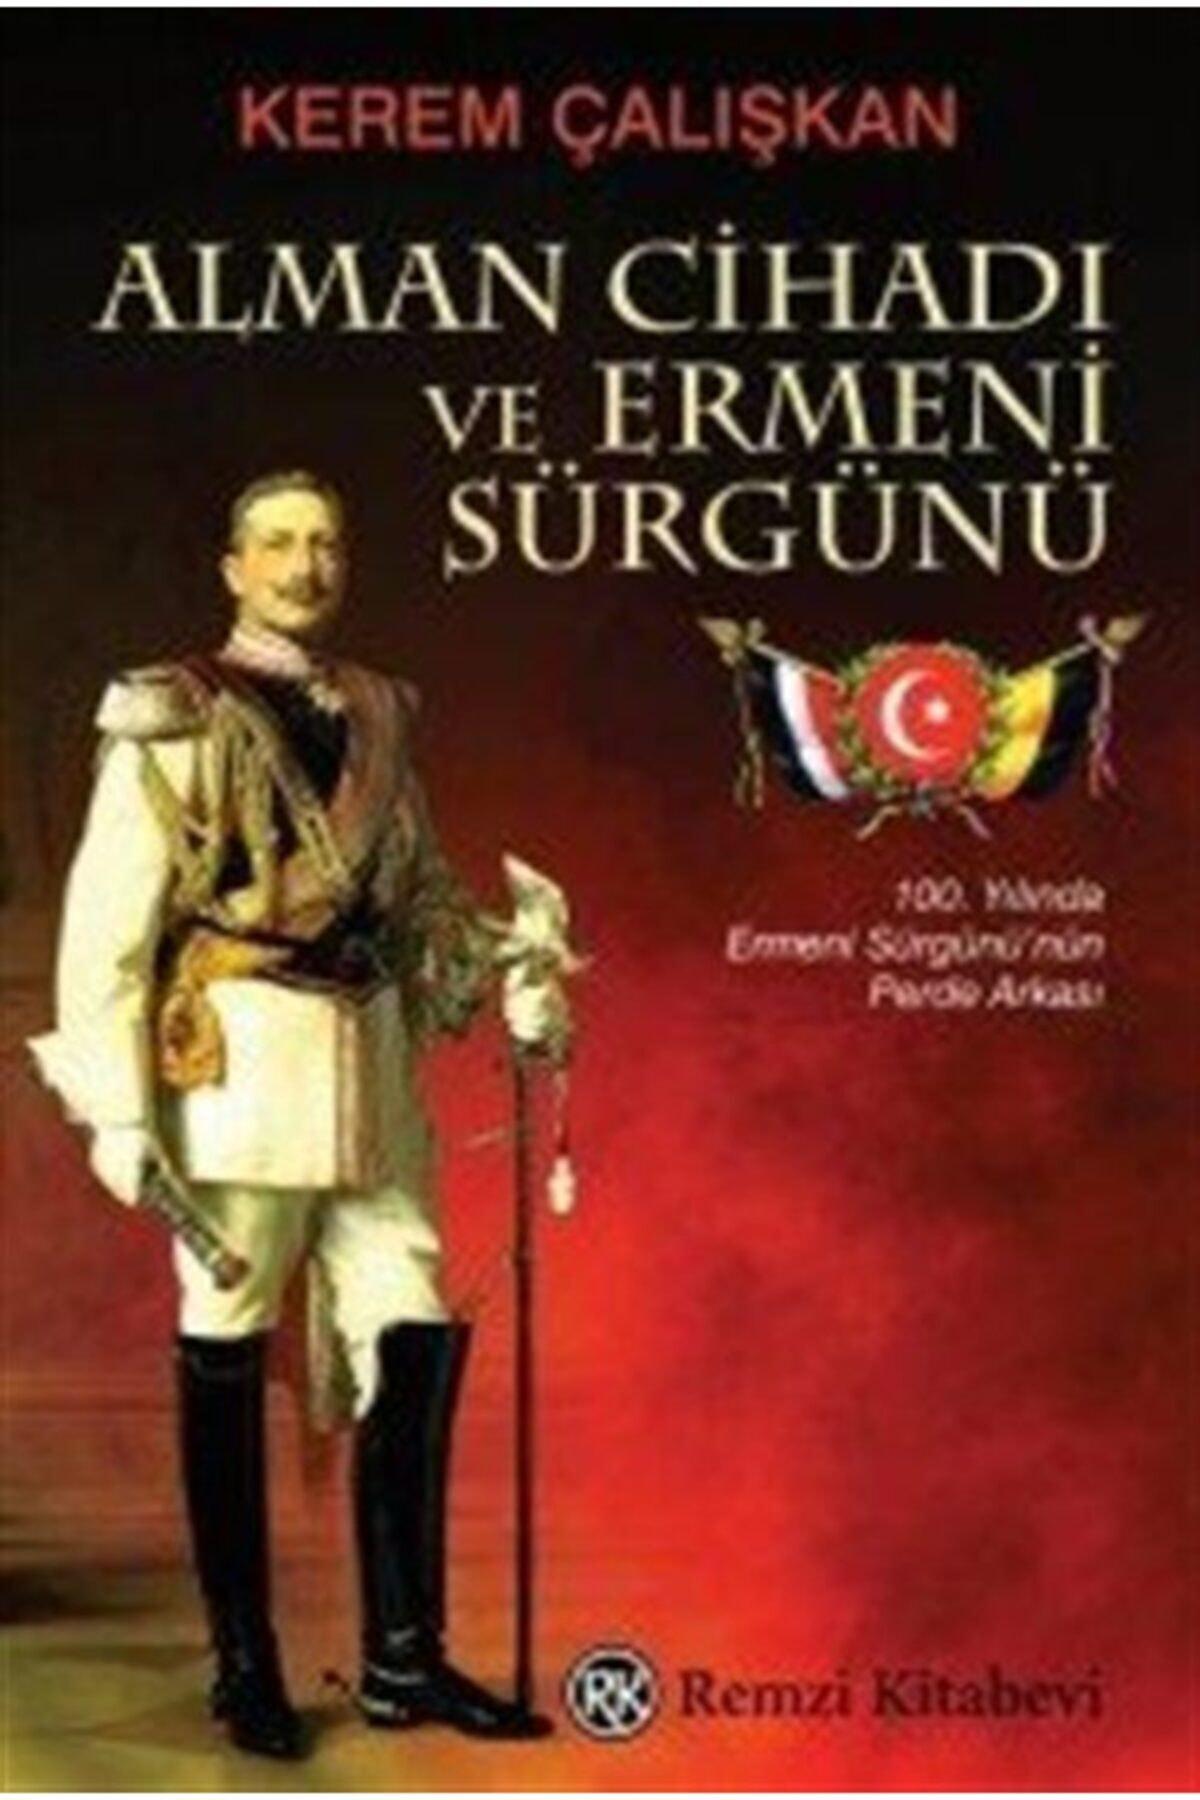 Remzi Kitabevi Alman Cihadı Ve Ermeni Sürgünü Fiyatı, Yorumları - Trendyol